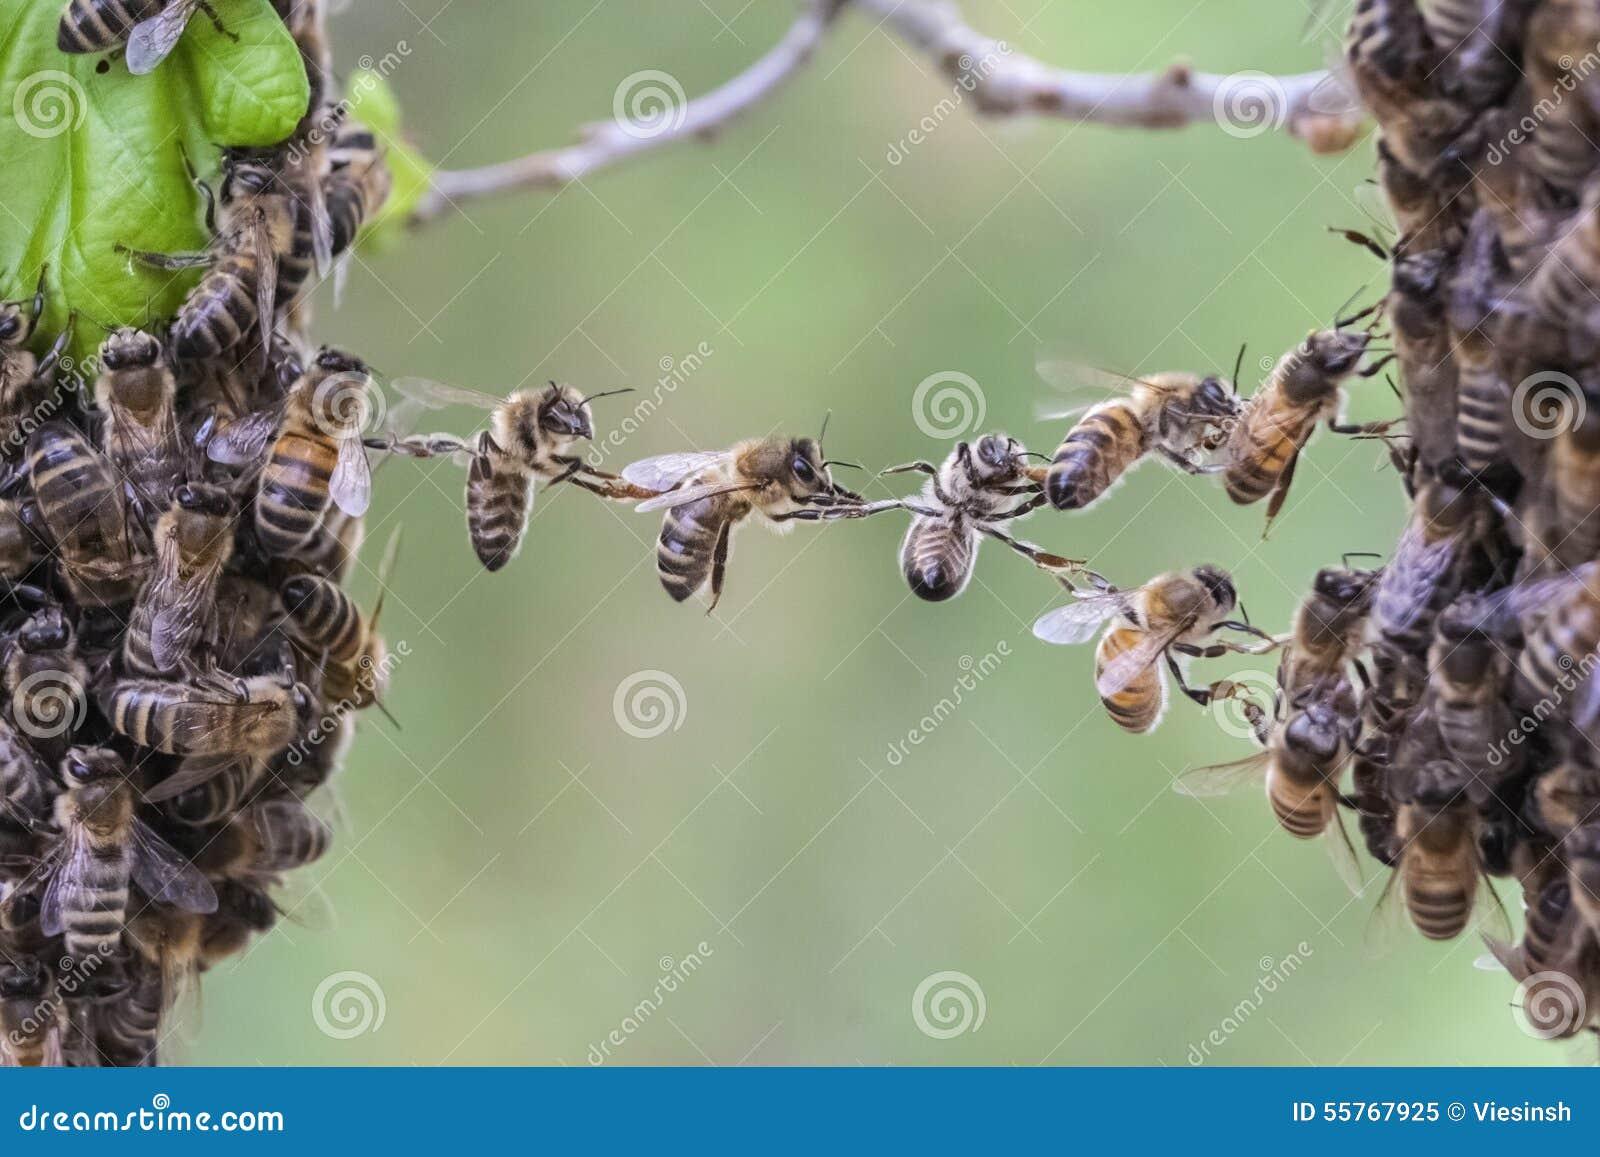 蜂配合缩小蜂群差距